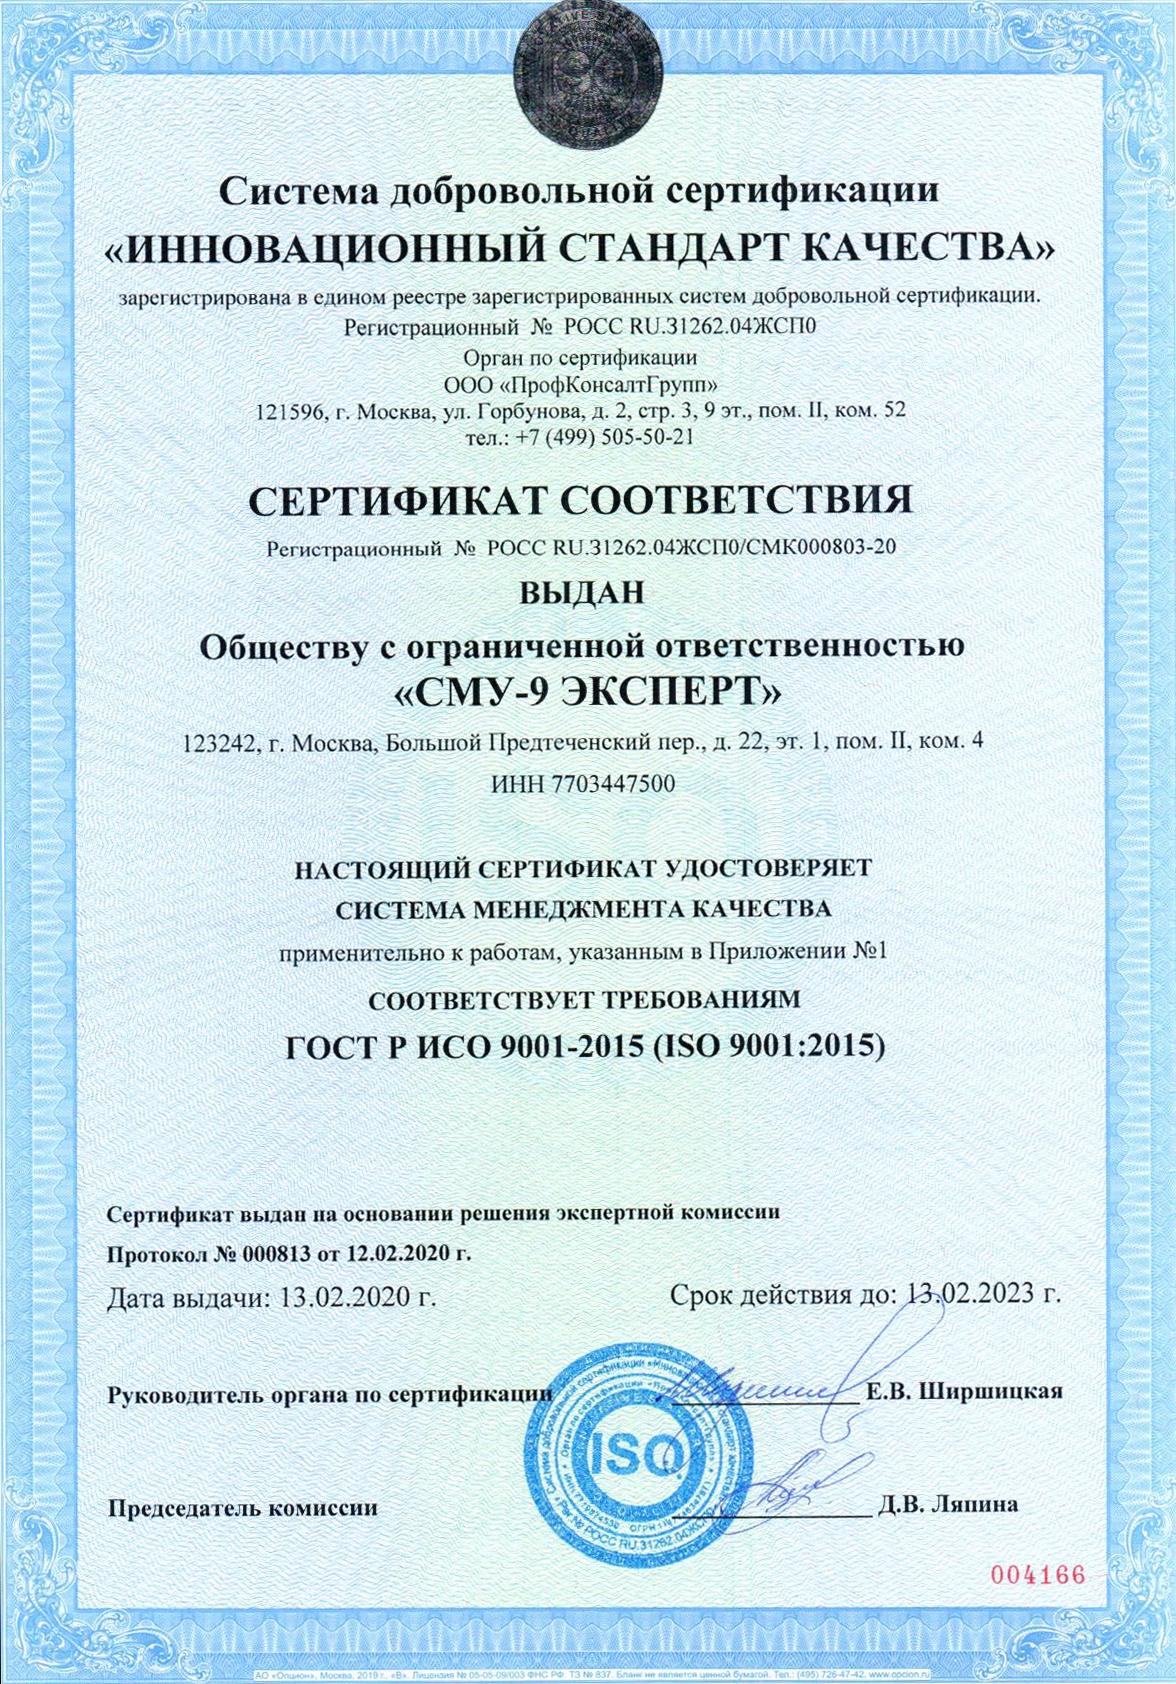 Скан ИСО 9001 ООО СМУ-9 ЭКСПЕРТ_Страница_1